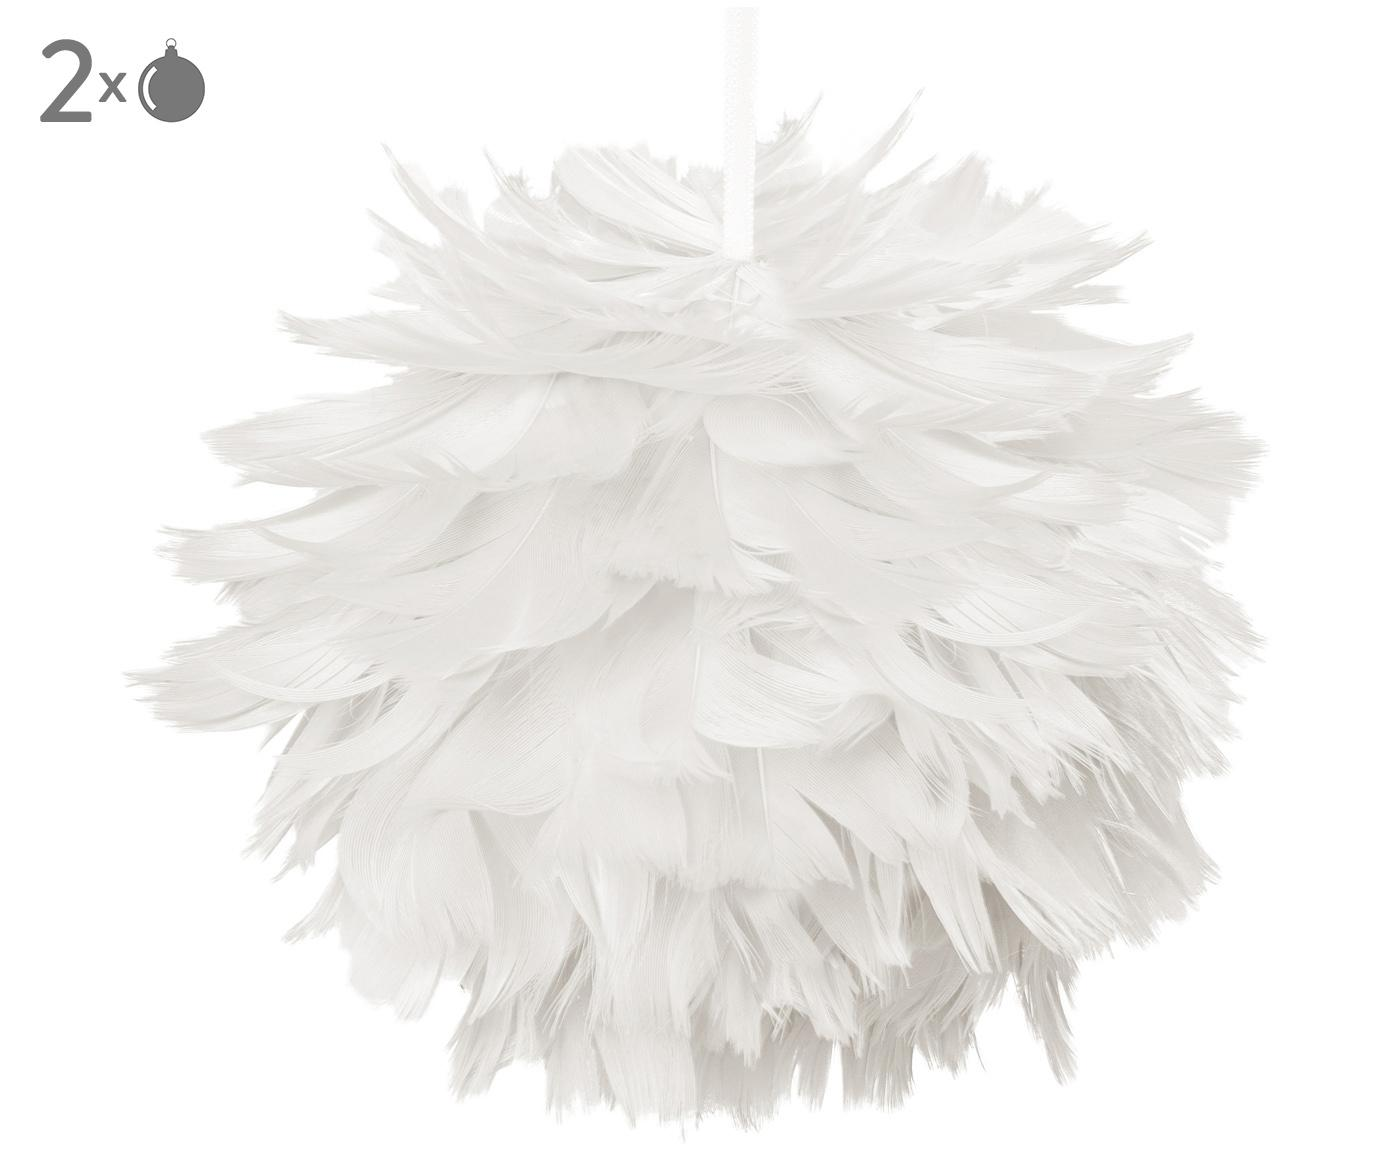 Baumanhänger Fay, 2 Stück, Weiß, Ø 11 cm